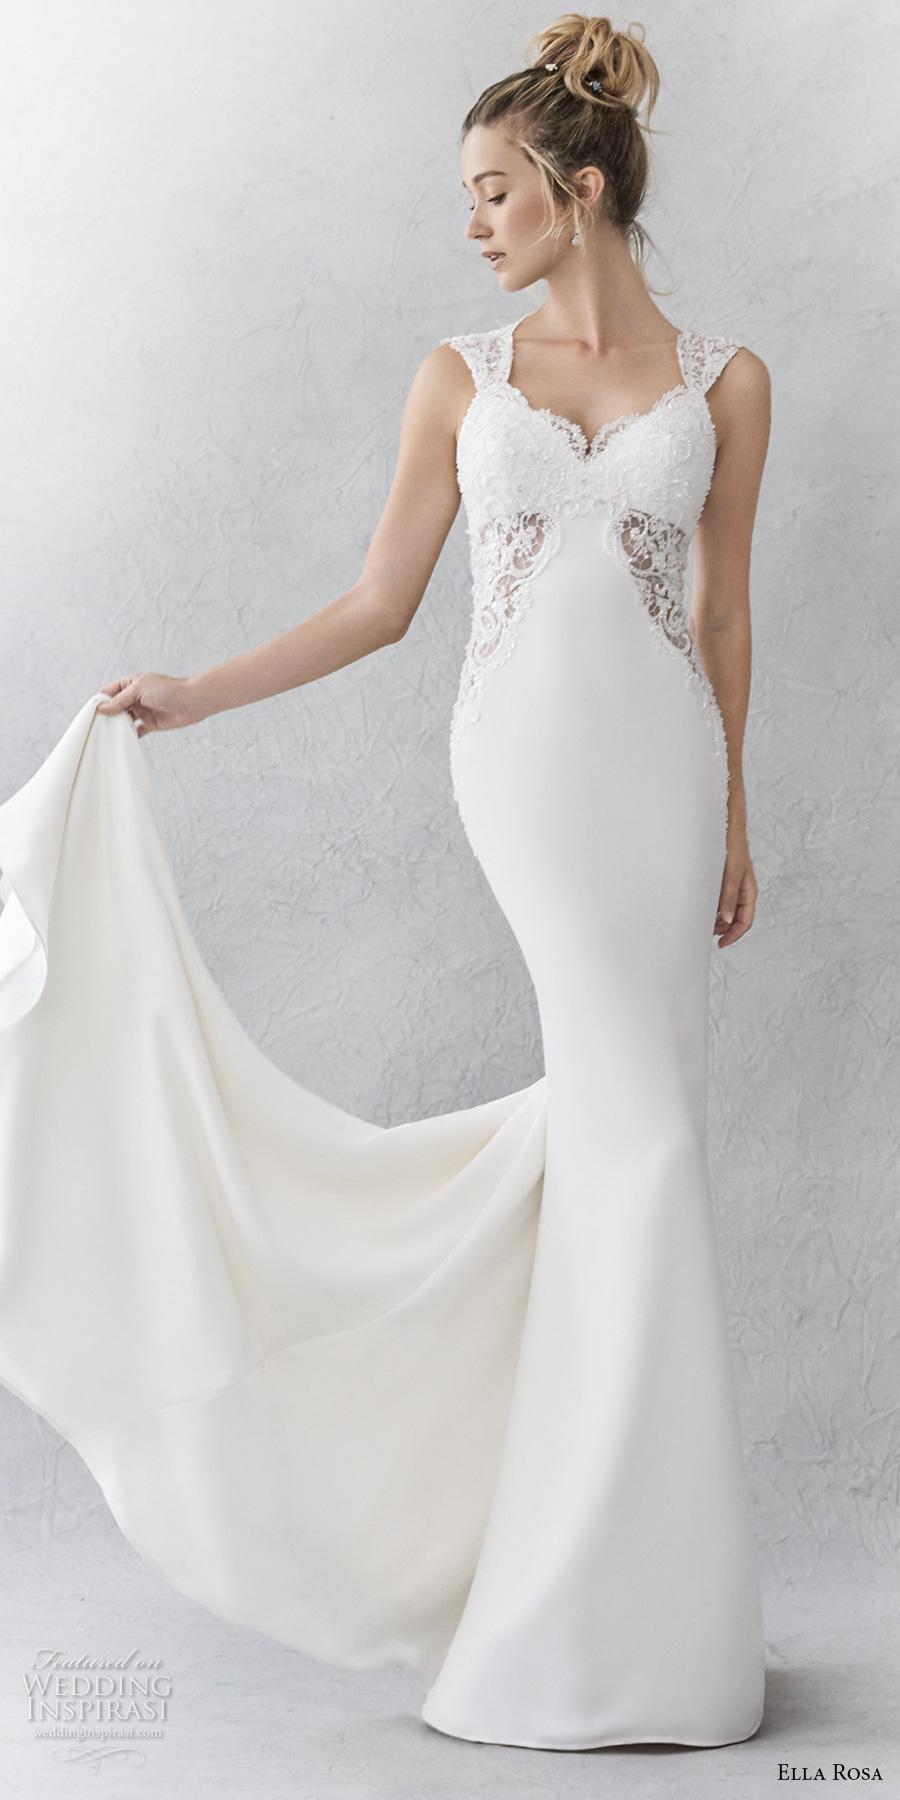 ella rosa spring 2017 bridal sleeveless thick strap sweetheart neckline heavily embellished bodice sheath wedding dress keyhole back sweep train (354) mv